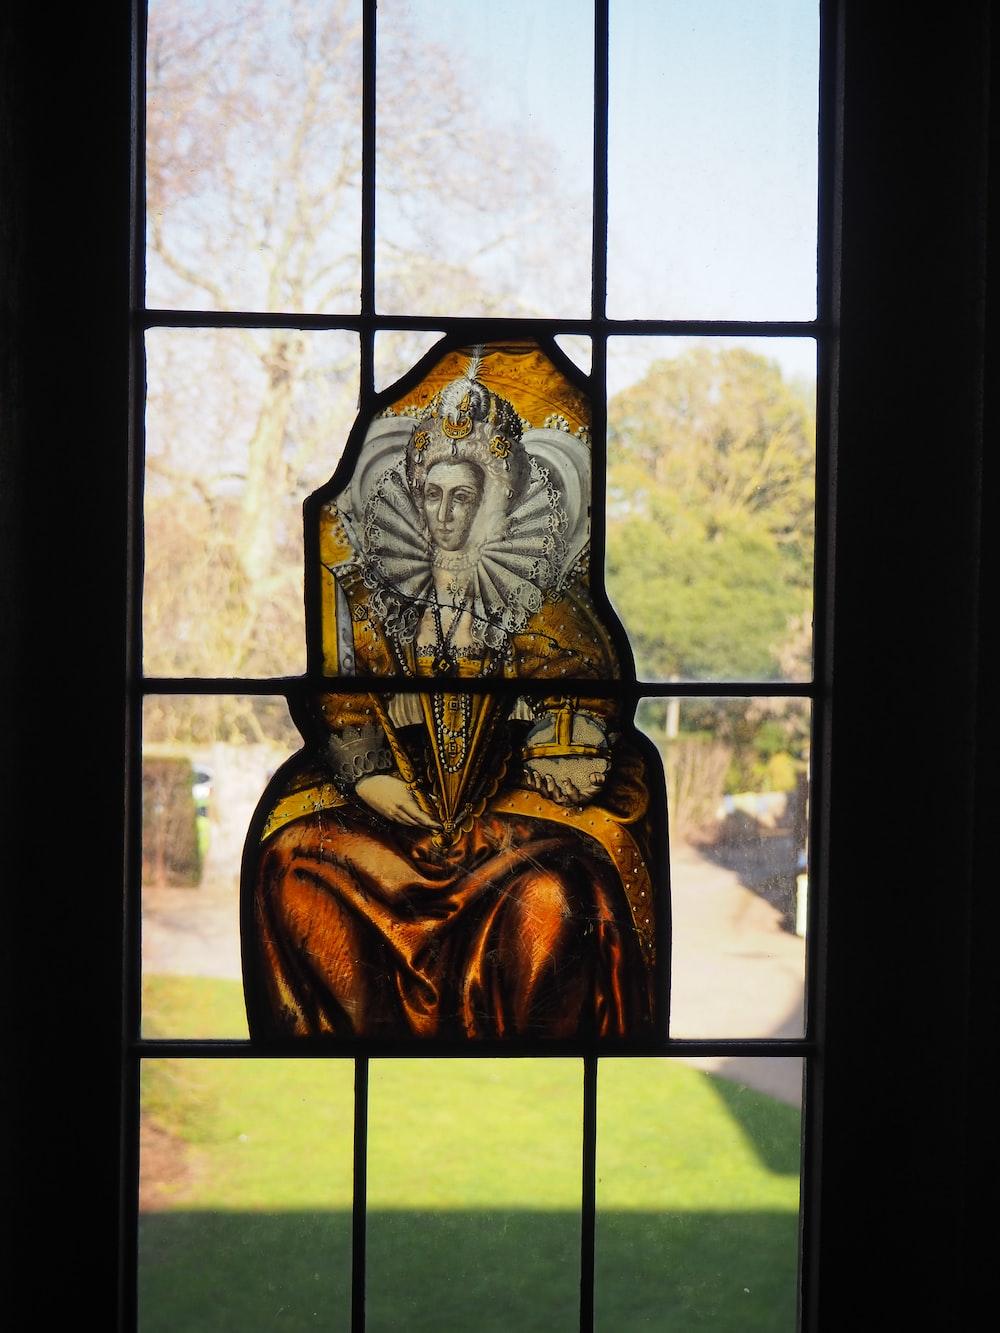 religious stein glass view